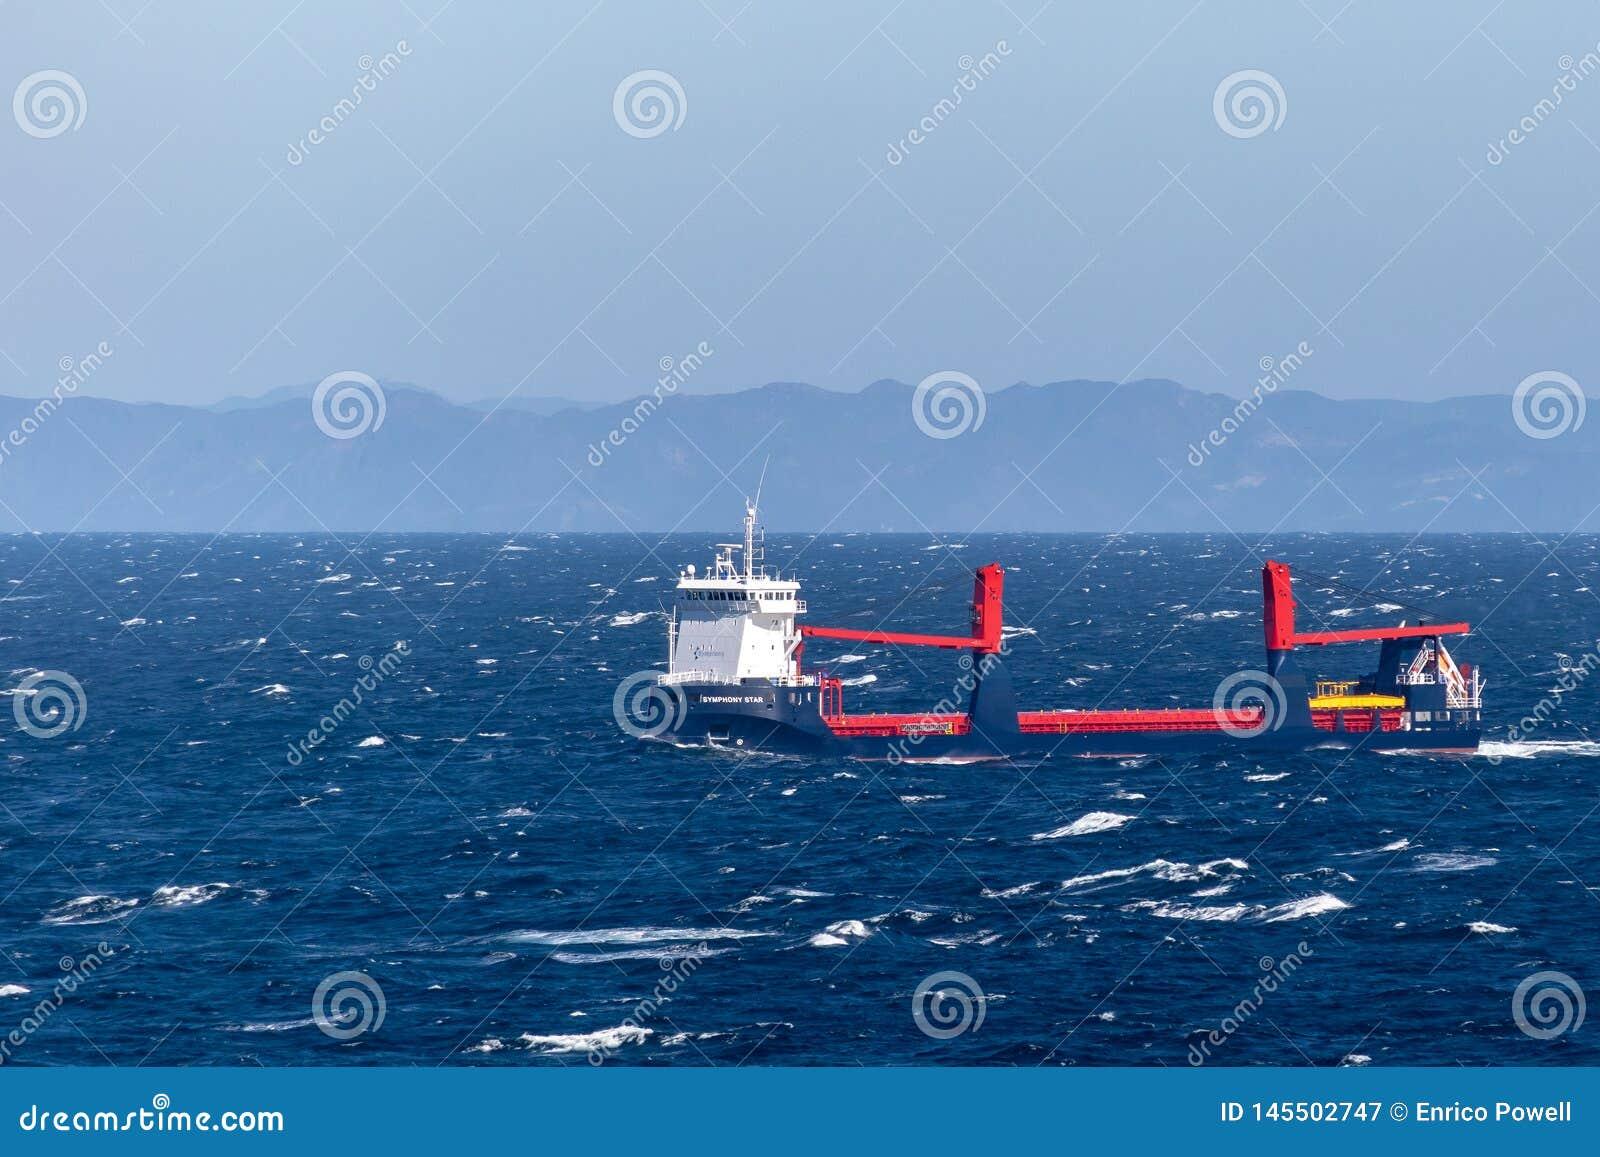 Estrella de la sinfonía, un buque de carga general, navegando a través del Océano Atlántico